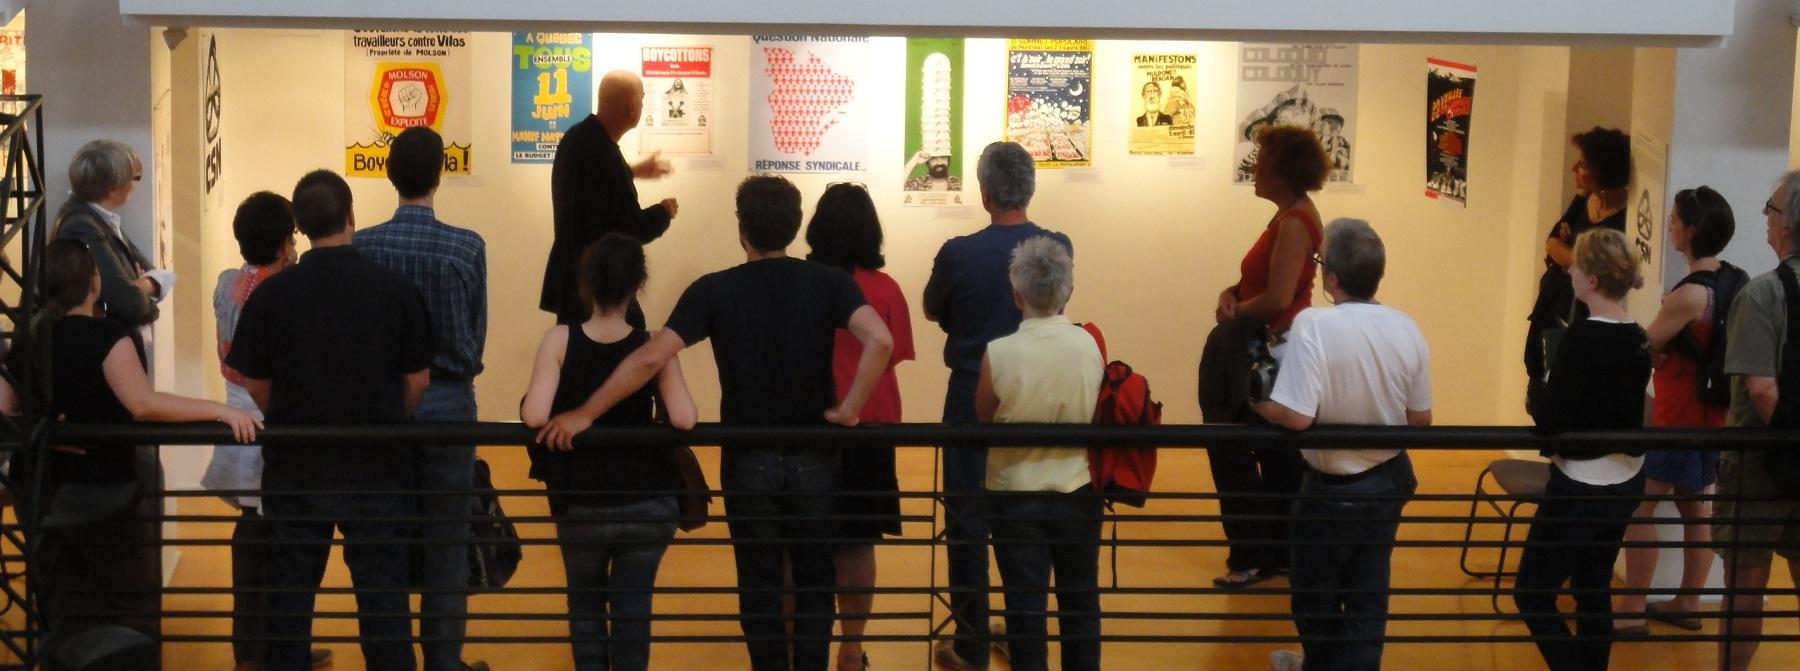 <b>Guided visit, 2012.</b> Photo: Adèle Paul-Hus, Écomusée du fier monde